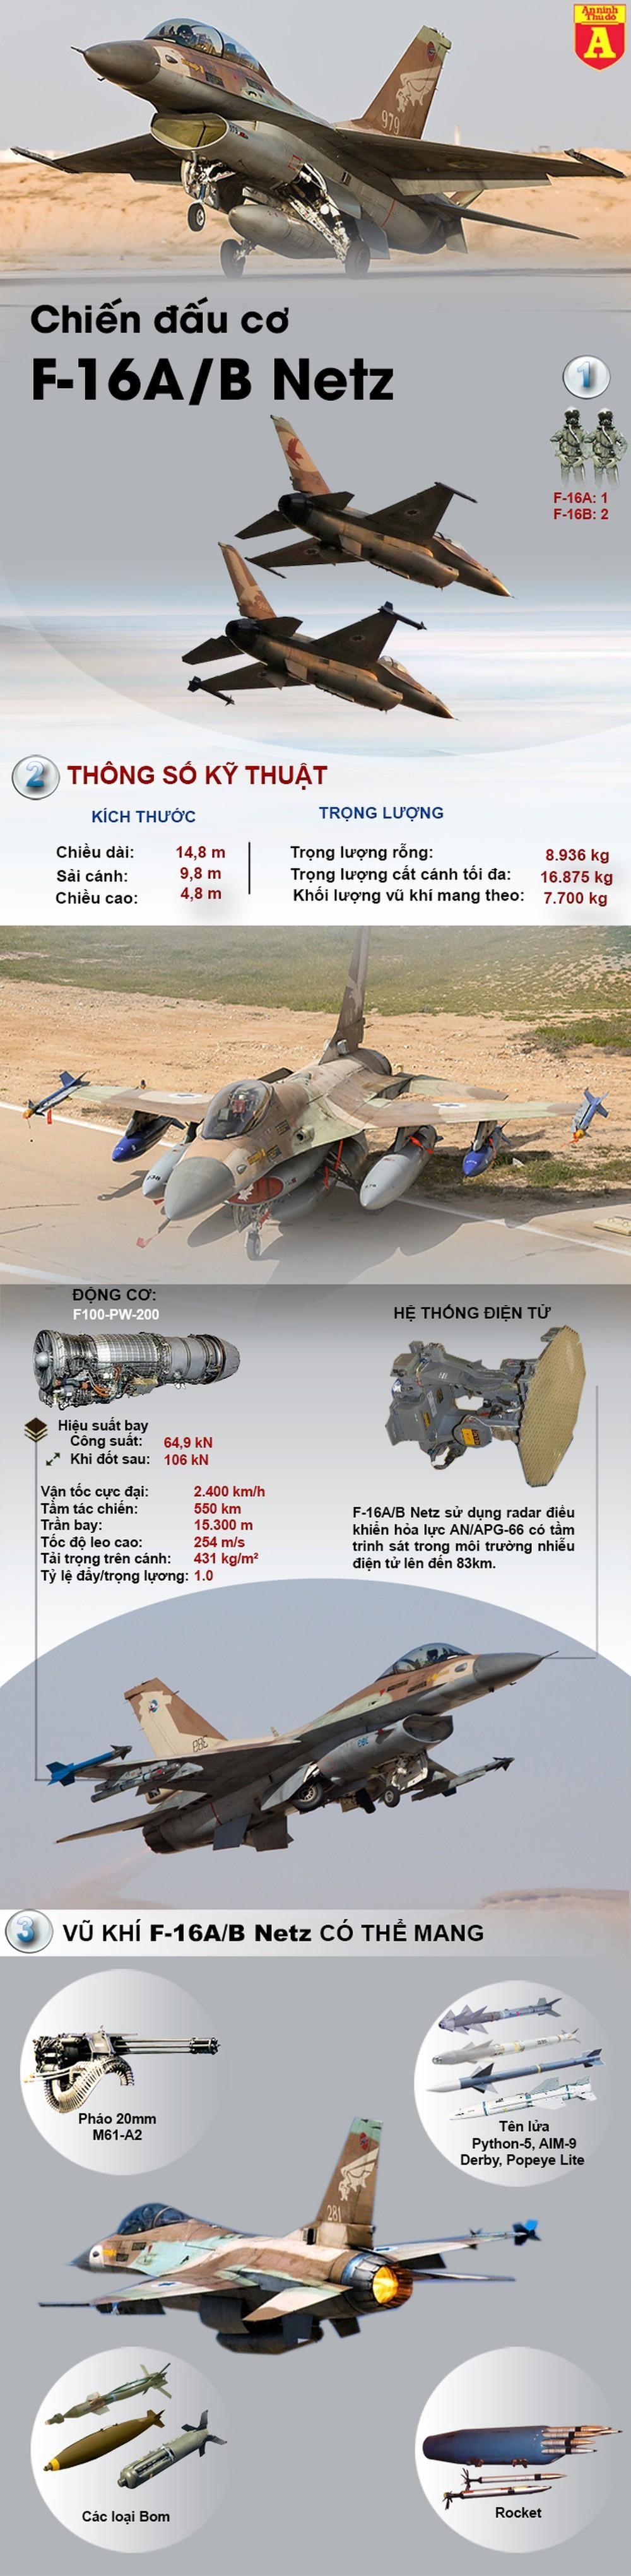 [Info] Israel bán tiêm kích F-16 với giá chỉ hơn 3 triệu USD/chiếc ảnh 4